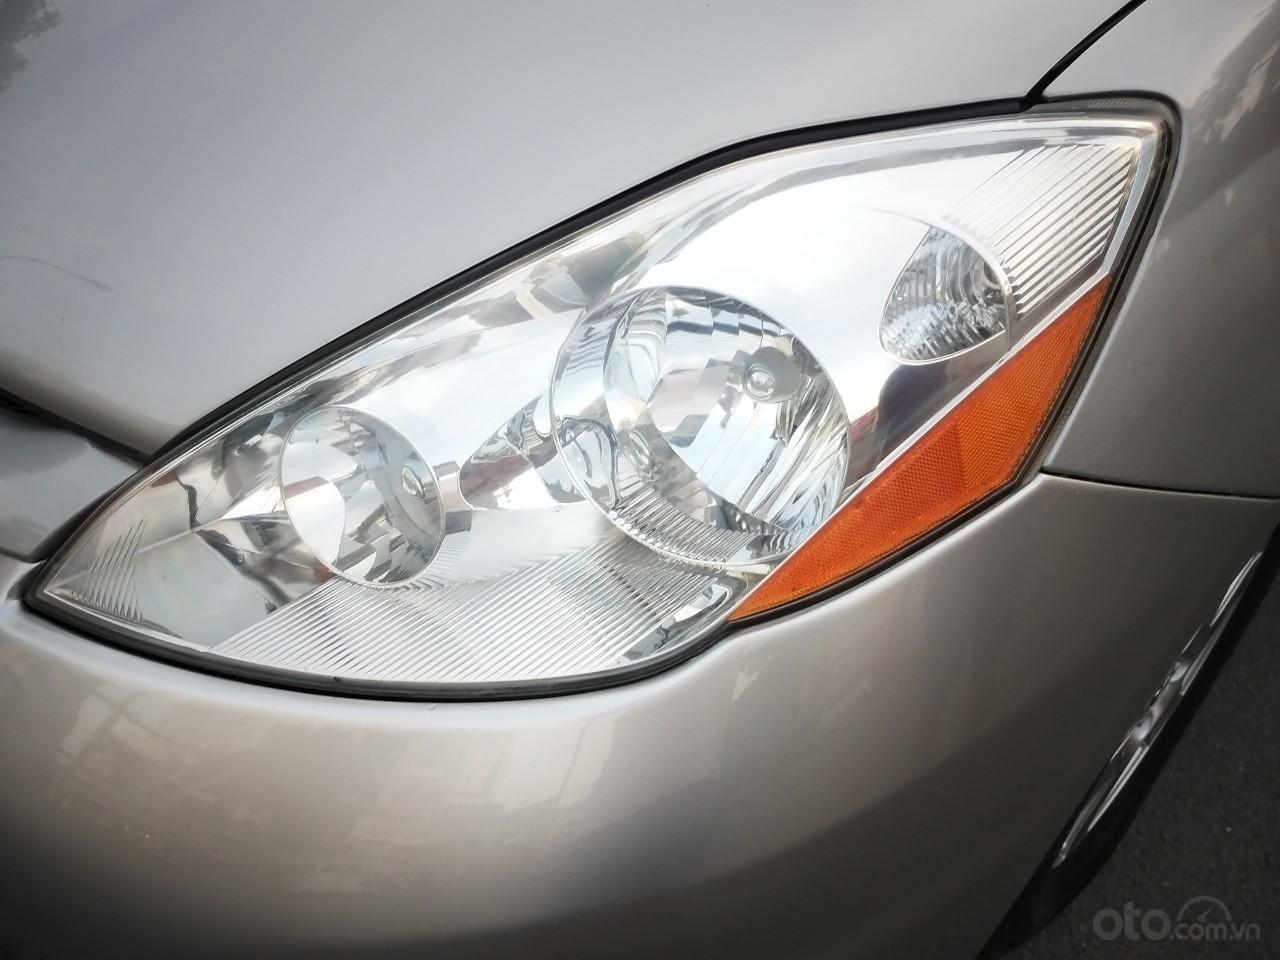 Toyota Sienna LE model 2008, xe nhà ít chạy còn mới toanh, màu siêu đẹp, toàn bộ còn zin theo xe (8)